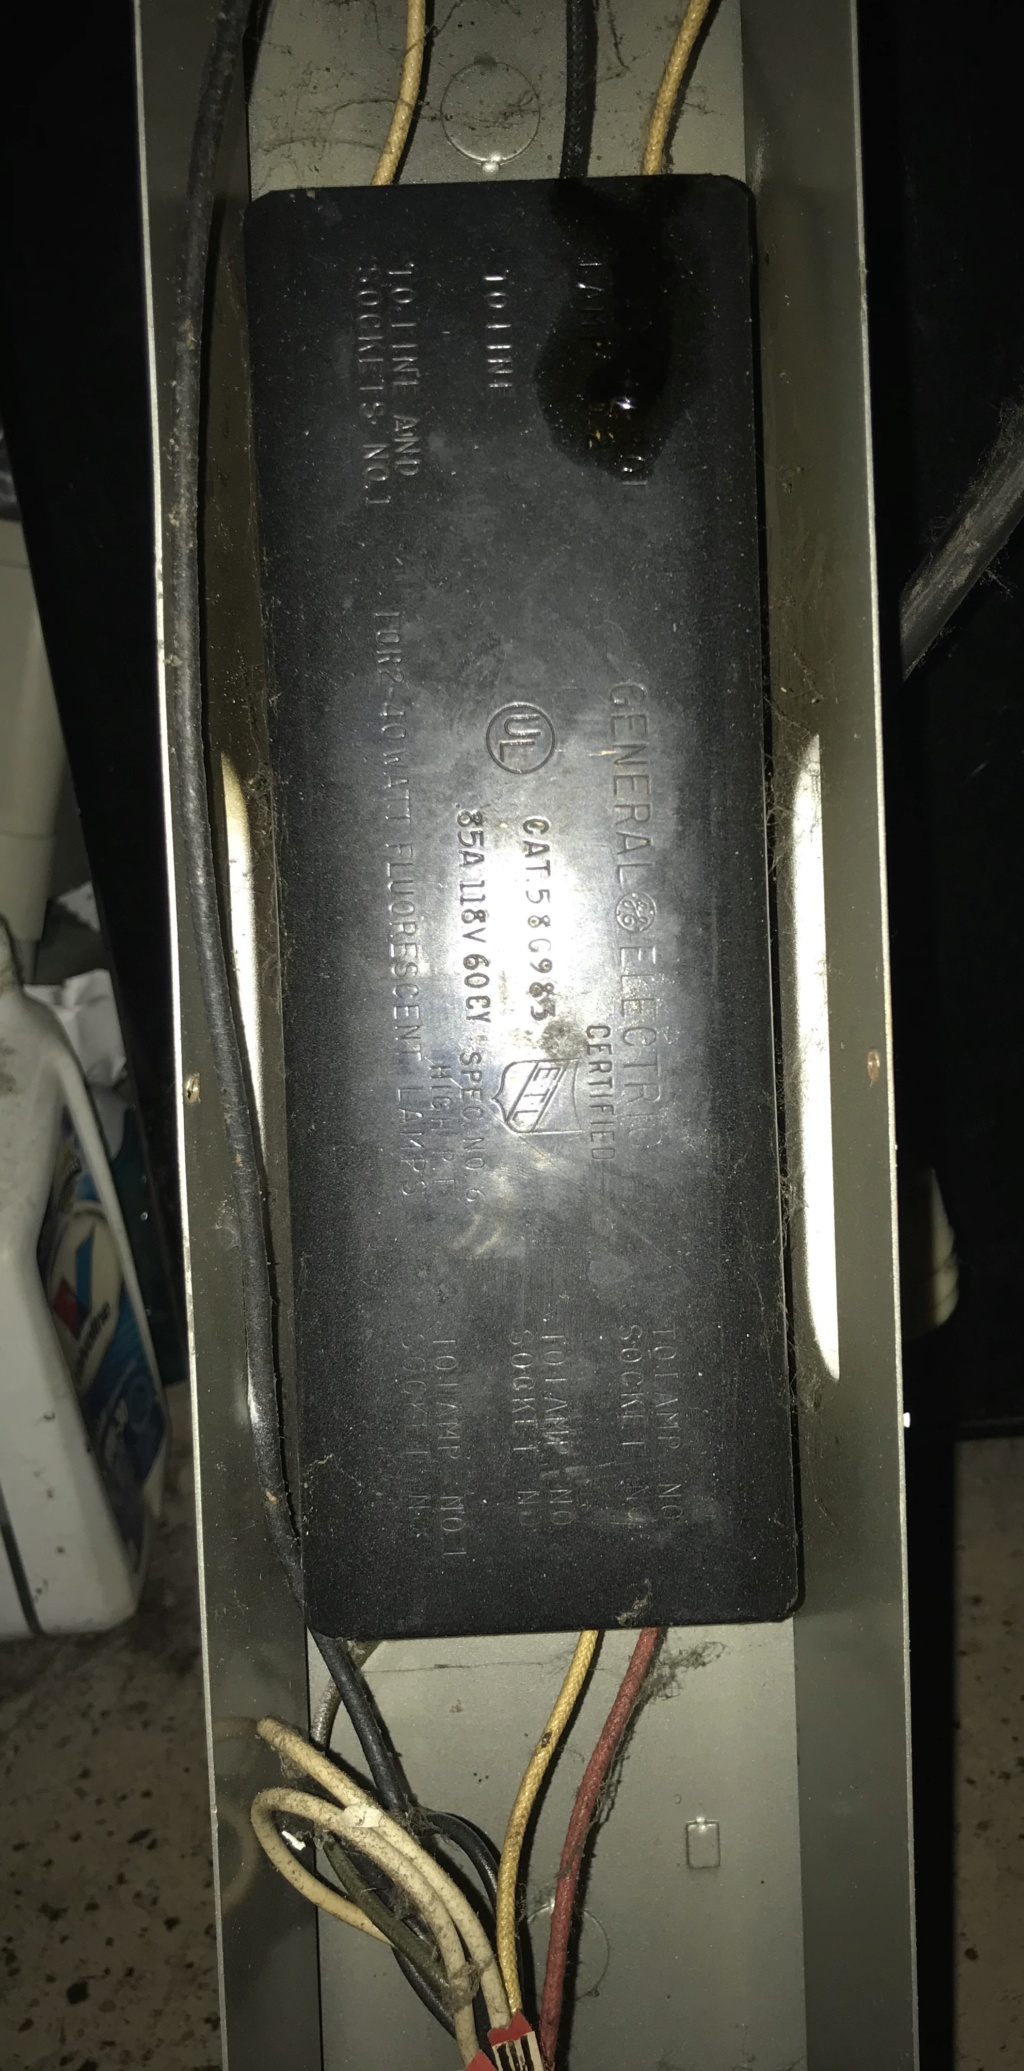 Preheat ballast for two (2) 40 watt T12 lamps Img_2312